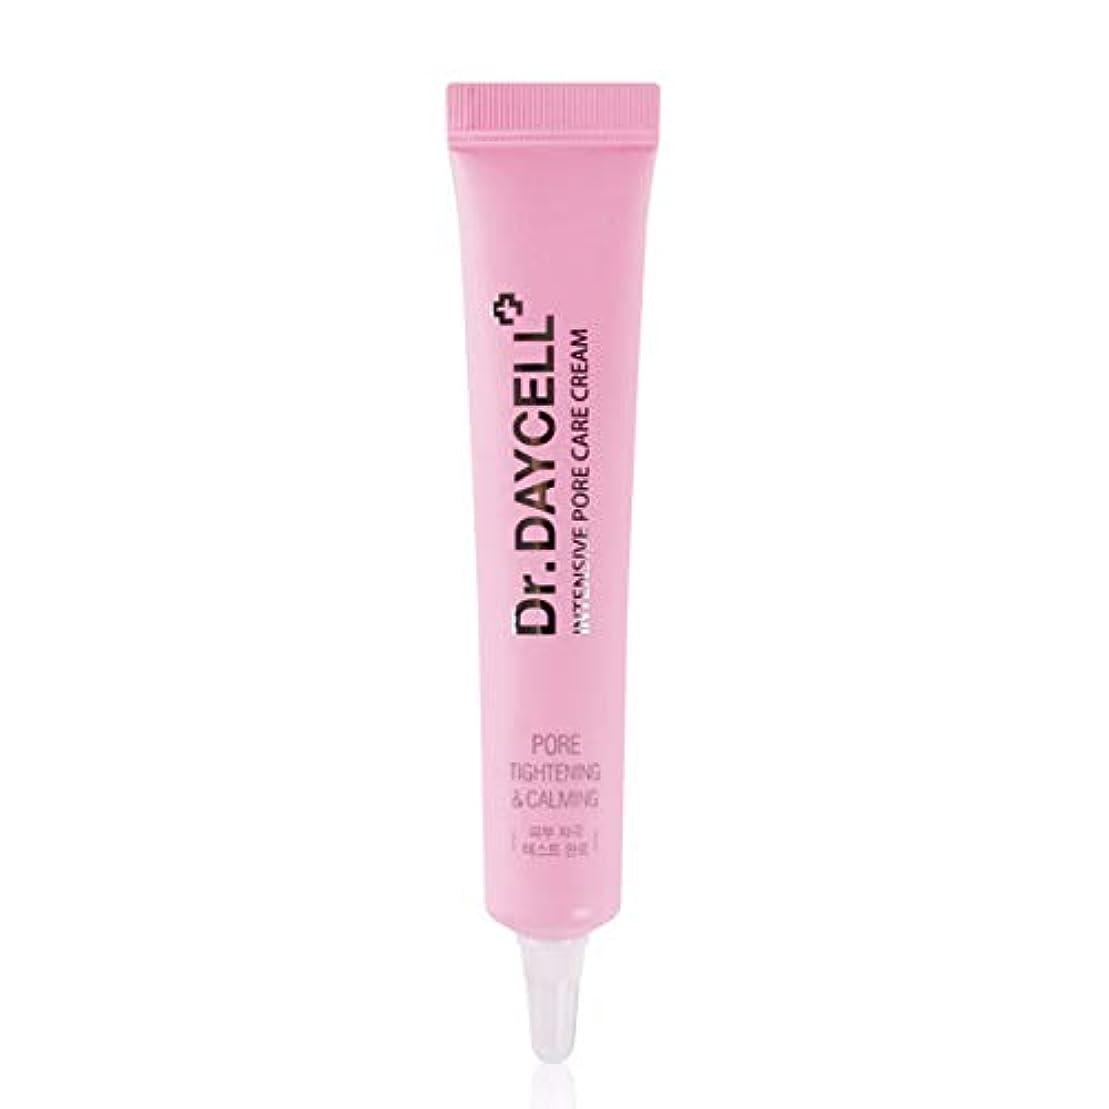 ベルベットやけど憂鬱デイセル(Dr.Daycell) インテンシブポアケアクリーム20ml / Intensive Pore Care Cream